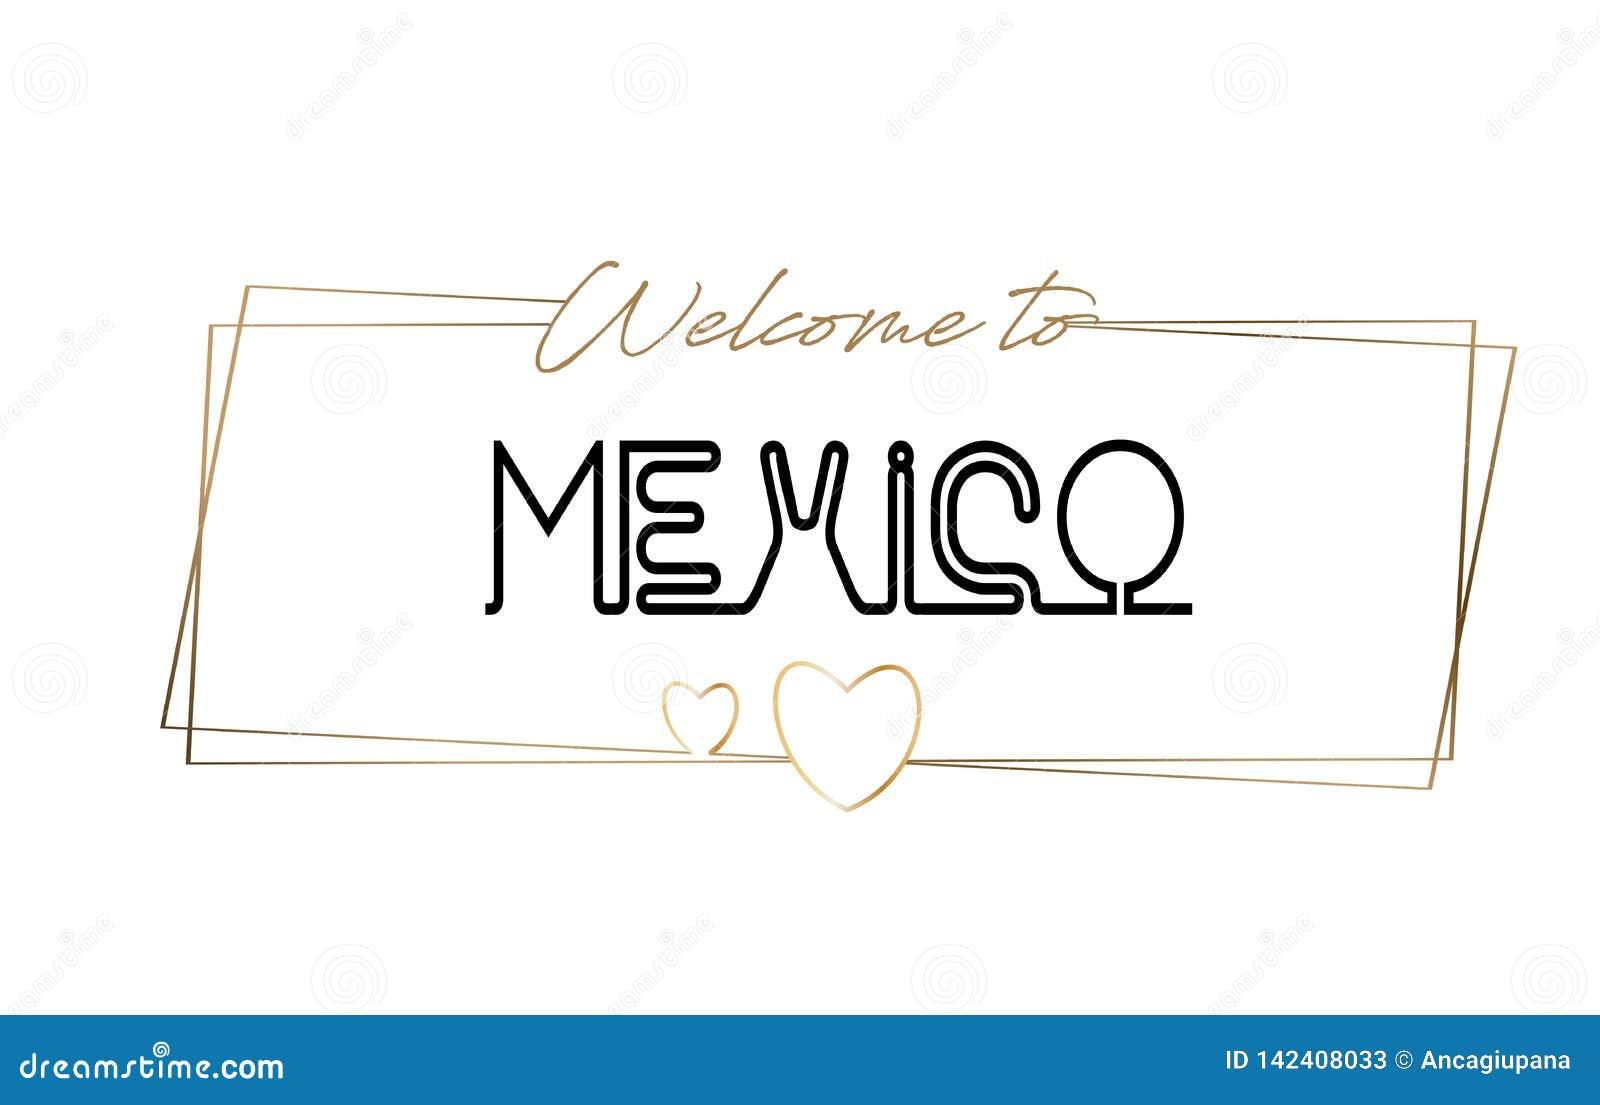 Benvenuto del Messico per mandare un sms alla tipografia d iscrizione al neon Parola per il logotype, distintivo, icona, cartolin